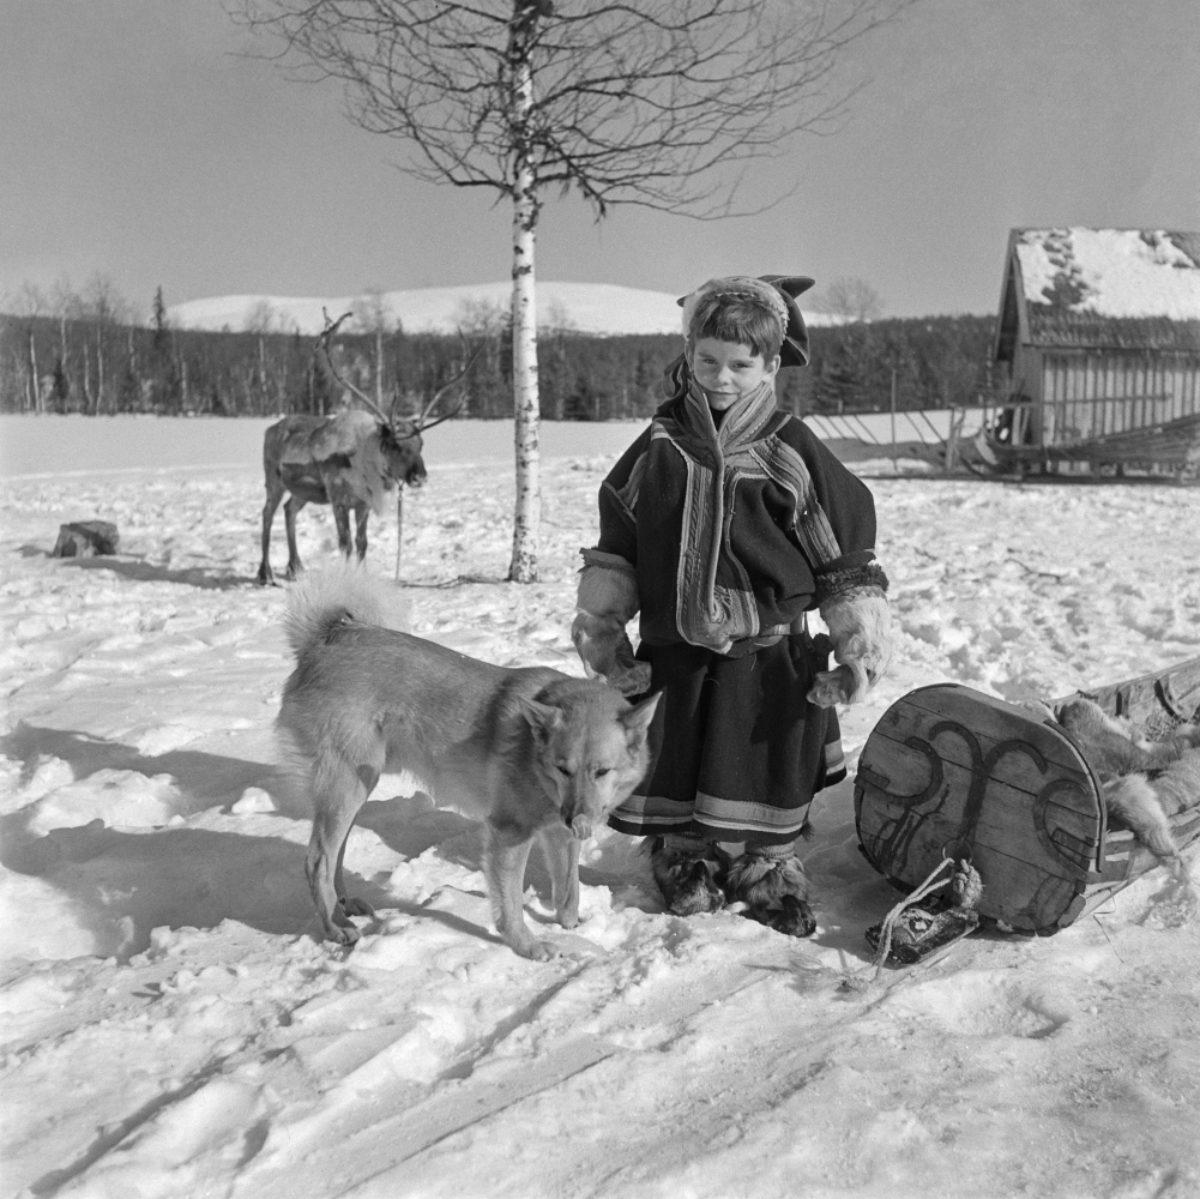 Markku Kurkkio poserar för UA Saarinen i en alltför stor samedräkt och för liten fyra vindars mössa år 1954. Foto: UA Saarinen / JOKA / Museiverket